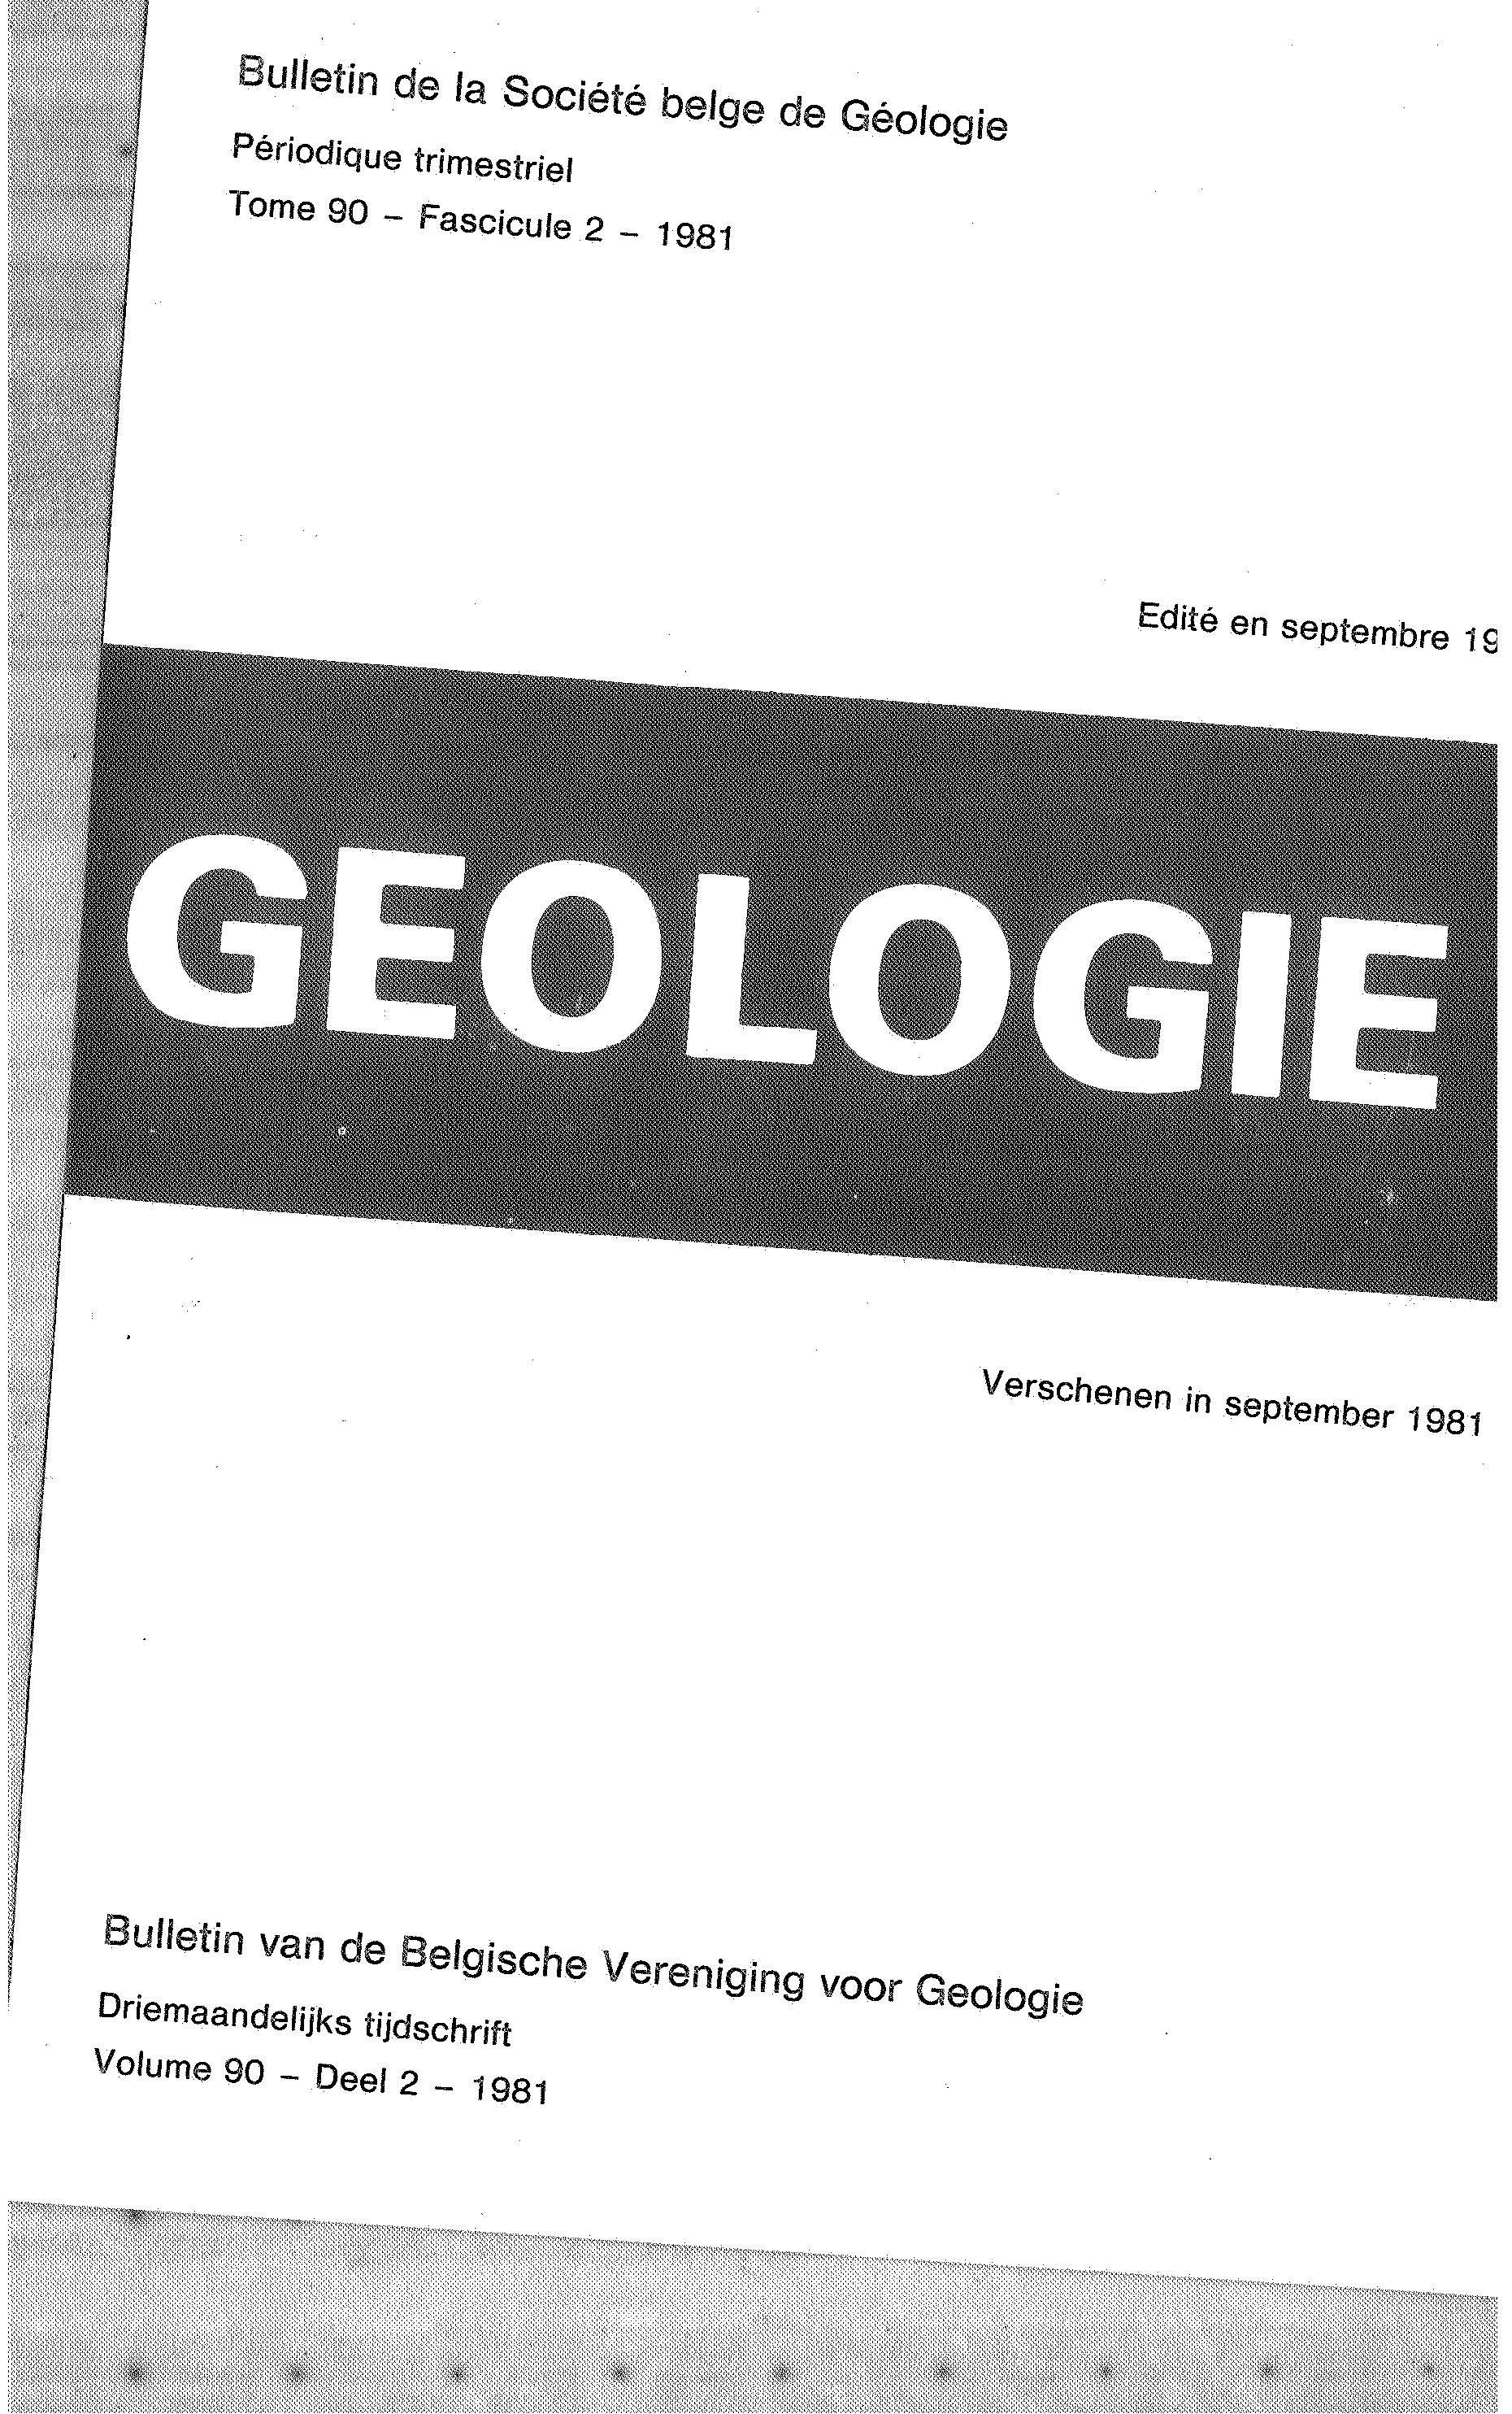 BSBG_90_1981_covers 2.jpg